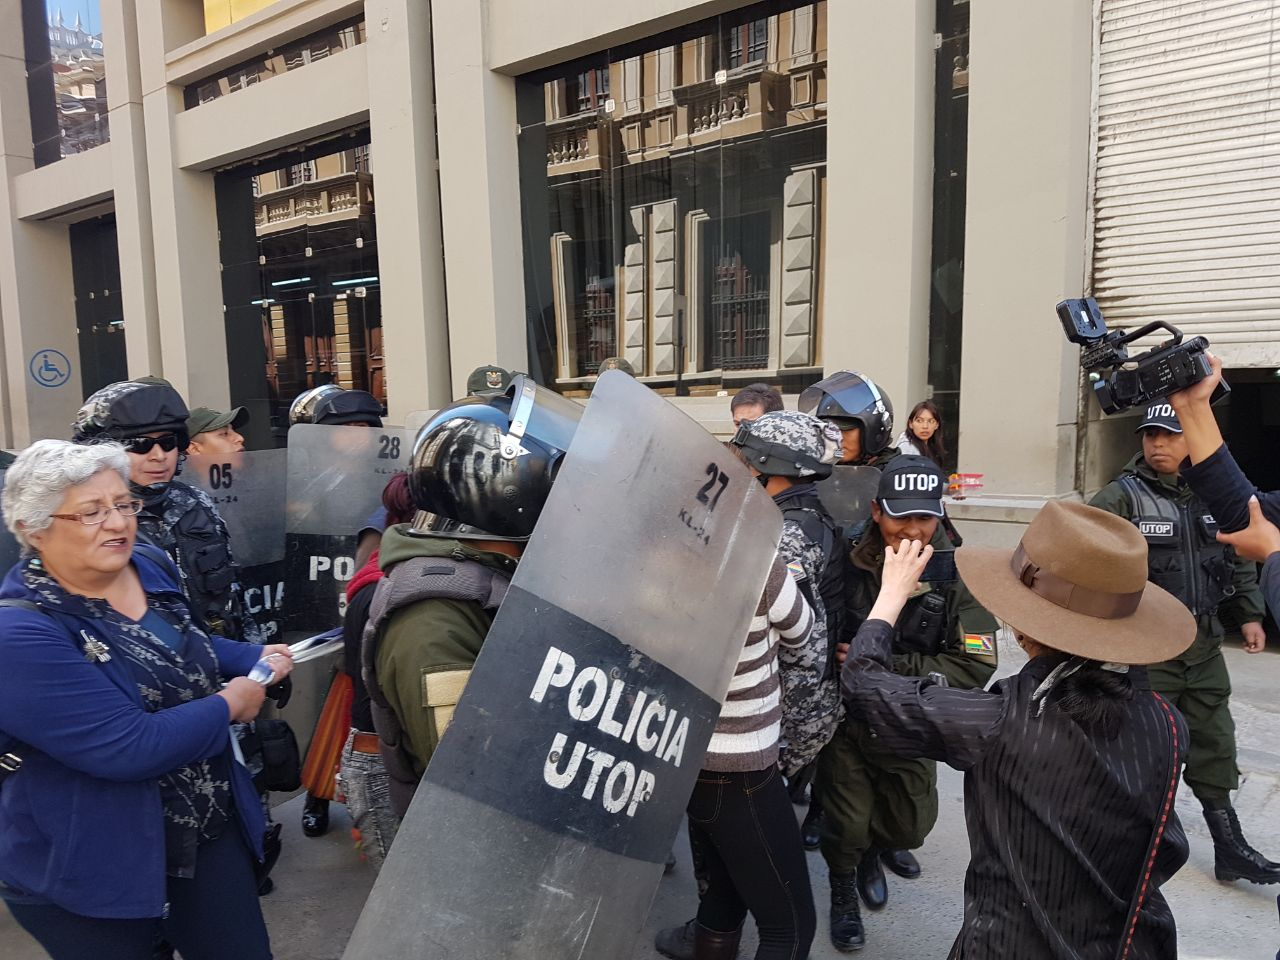 Nuevamente el centro político del país tiene una fuerte custodia policial para impedir ingreso de activistas